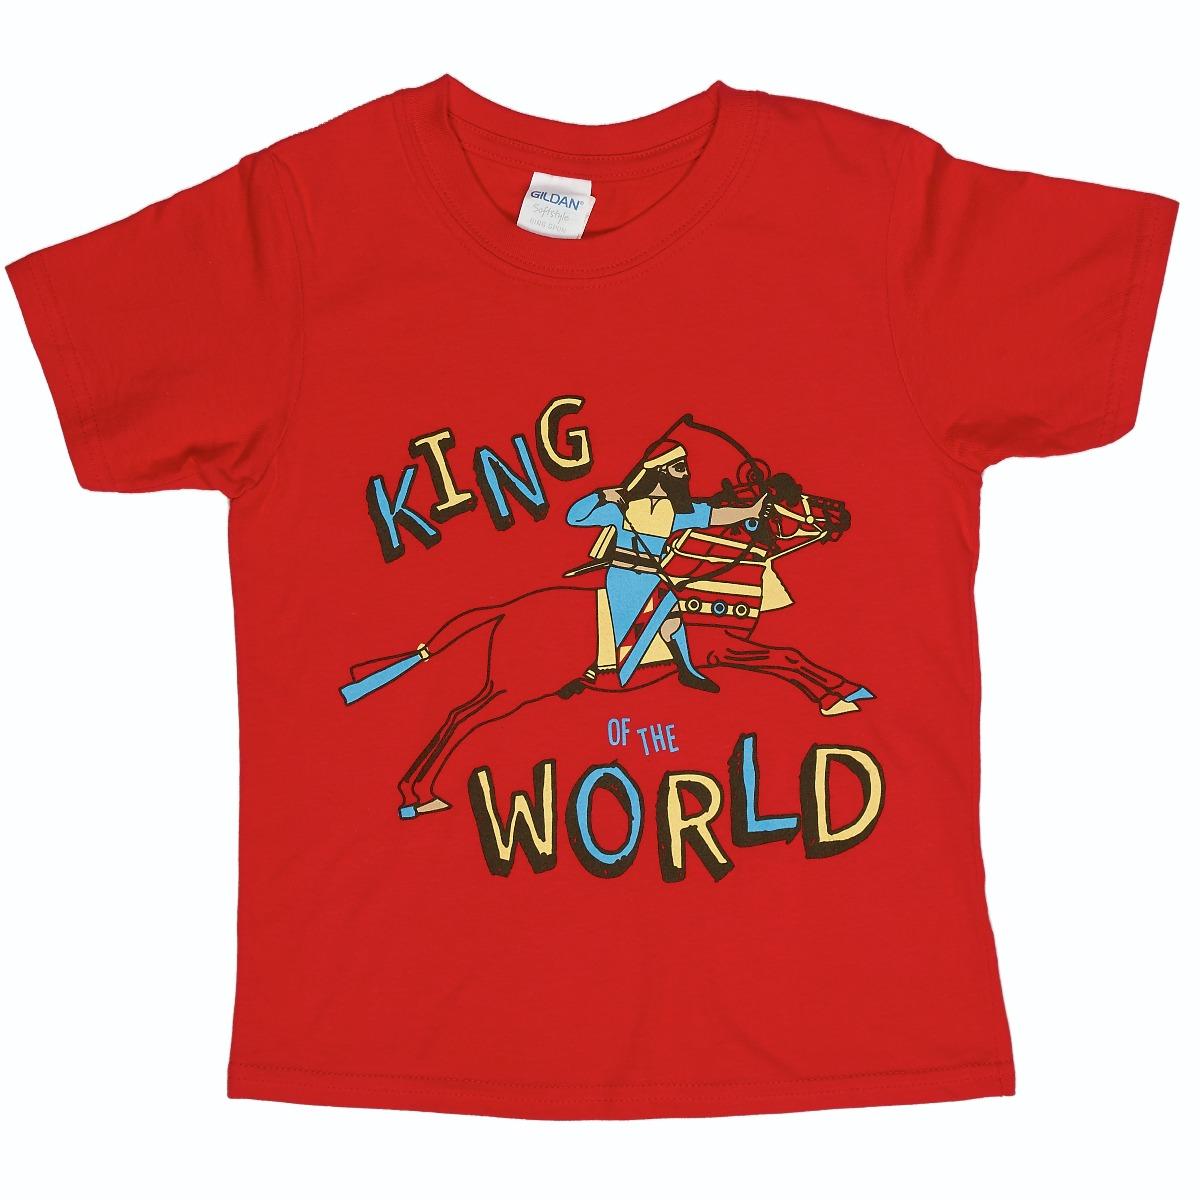 Children's horseback t-shirt